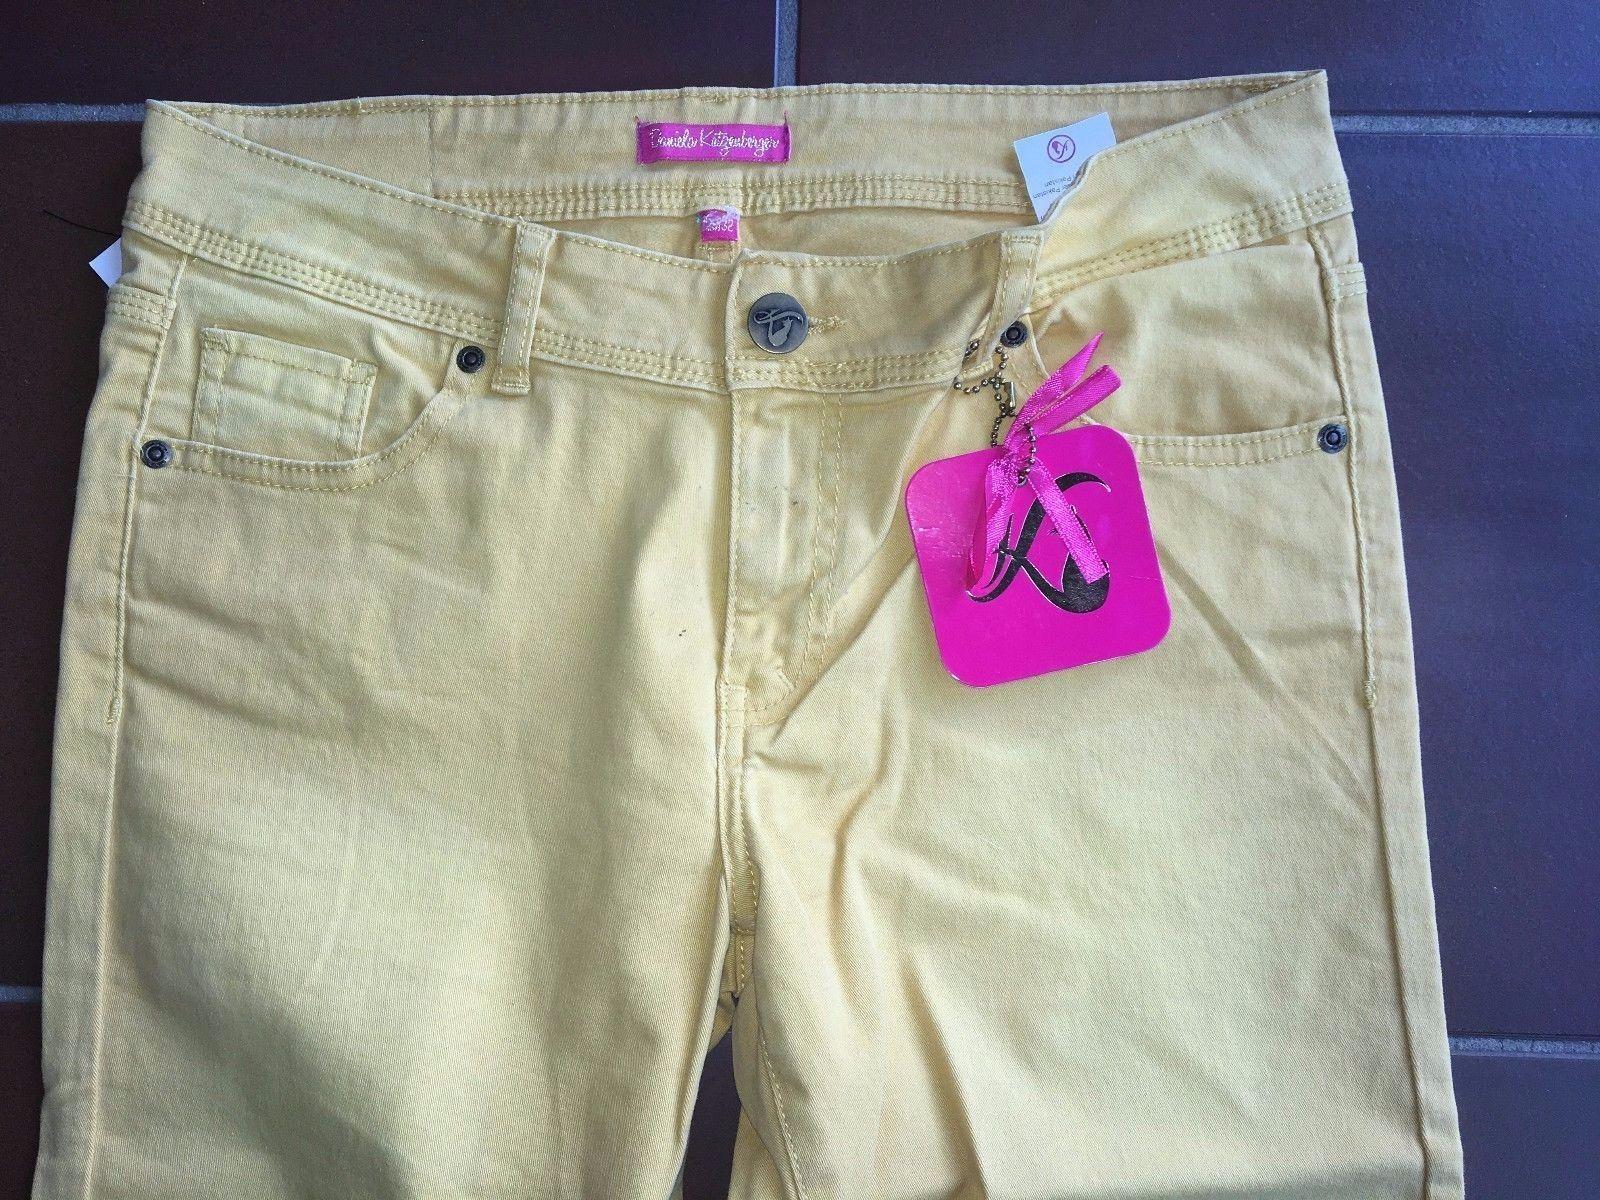 Damen Jeans Hose gelb W 30 32 Gr. ca. 40 40 40 von Daniela Katzenberger  Neu | Billig ideal  | Spaß  | Primäre Qualität  | Jeder beschriebene Artikel ist verfügbar  70c637